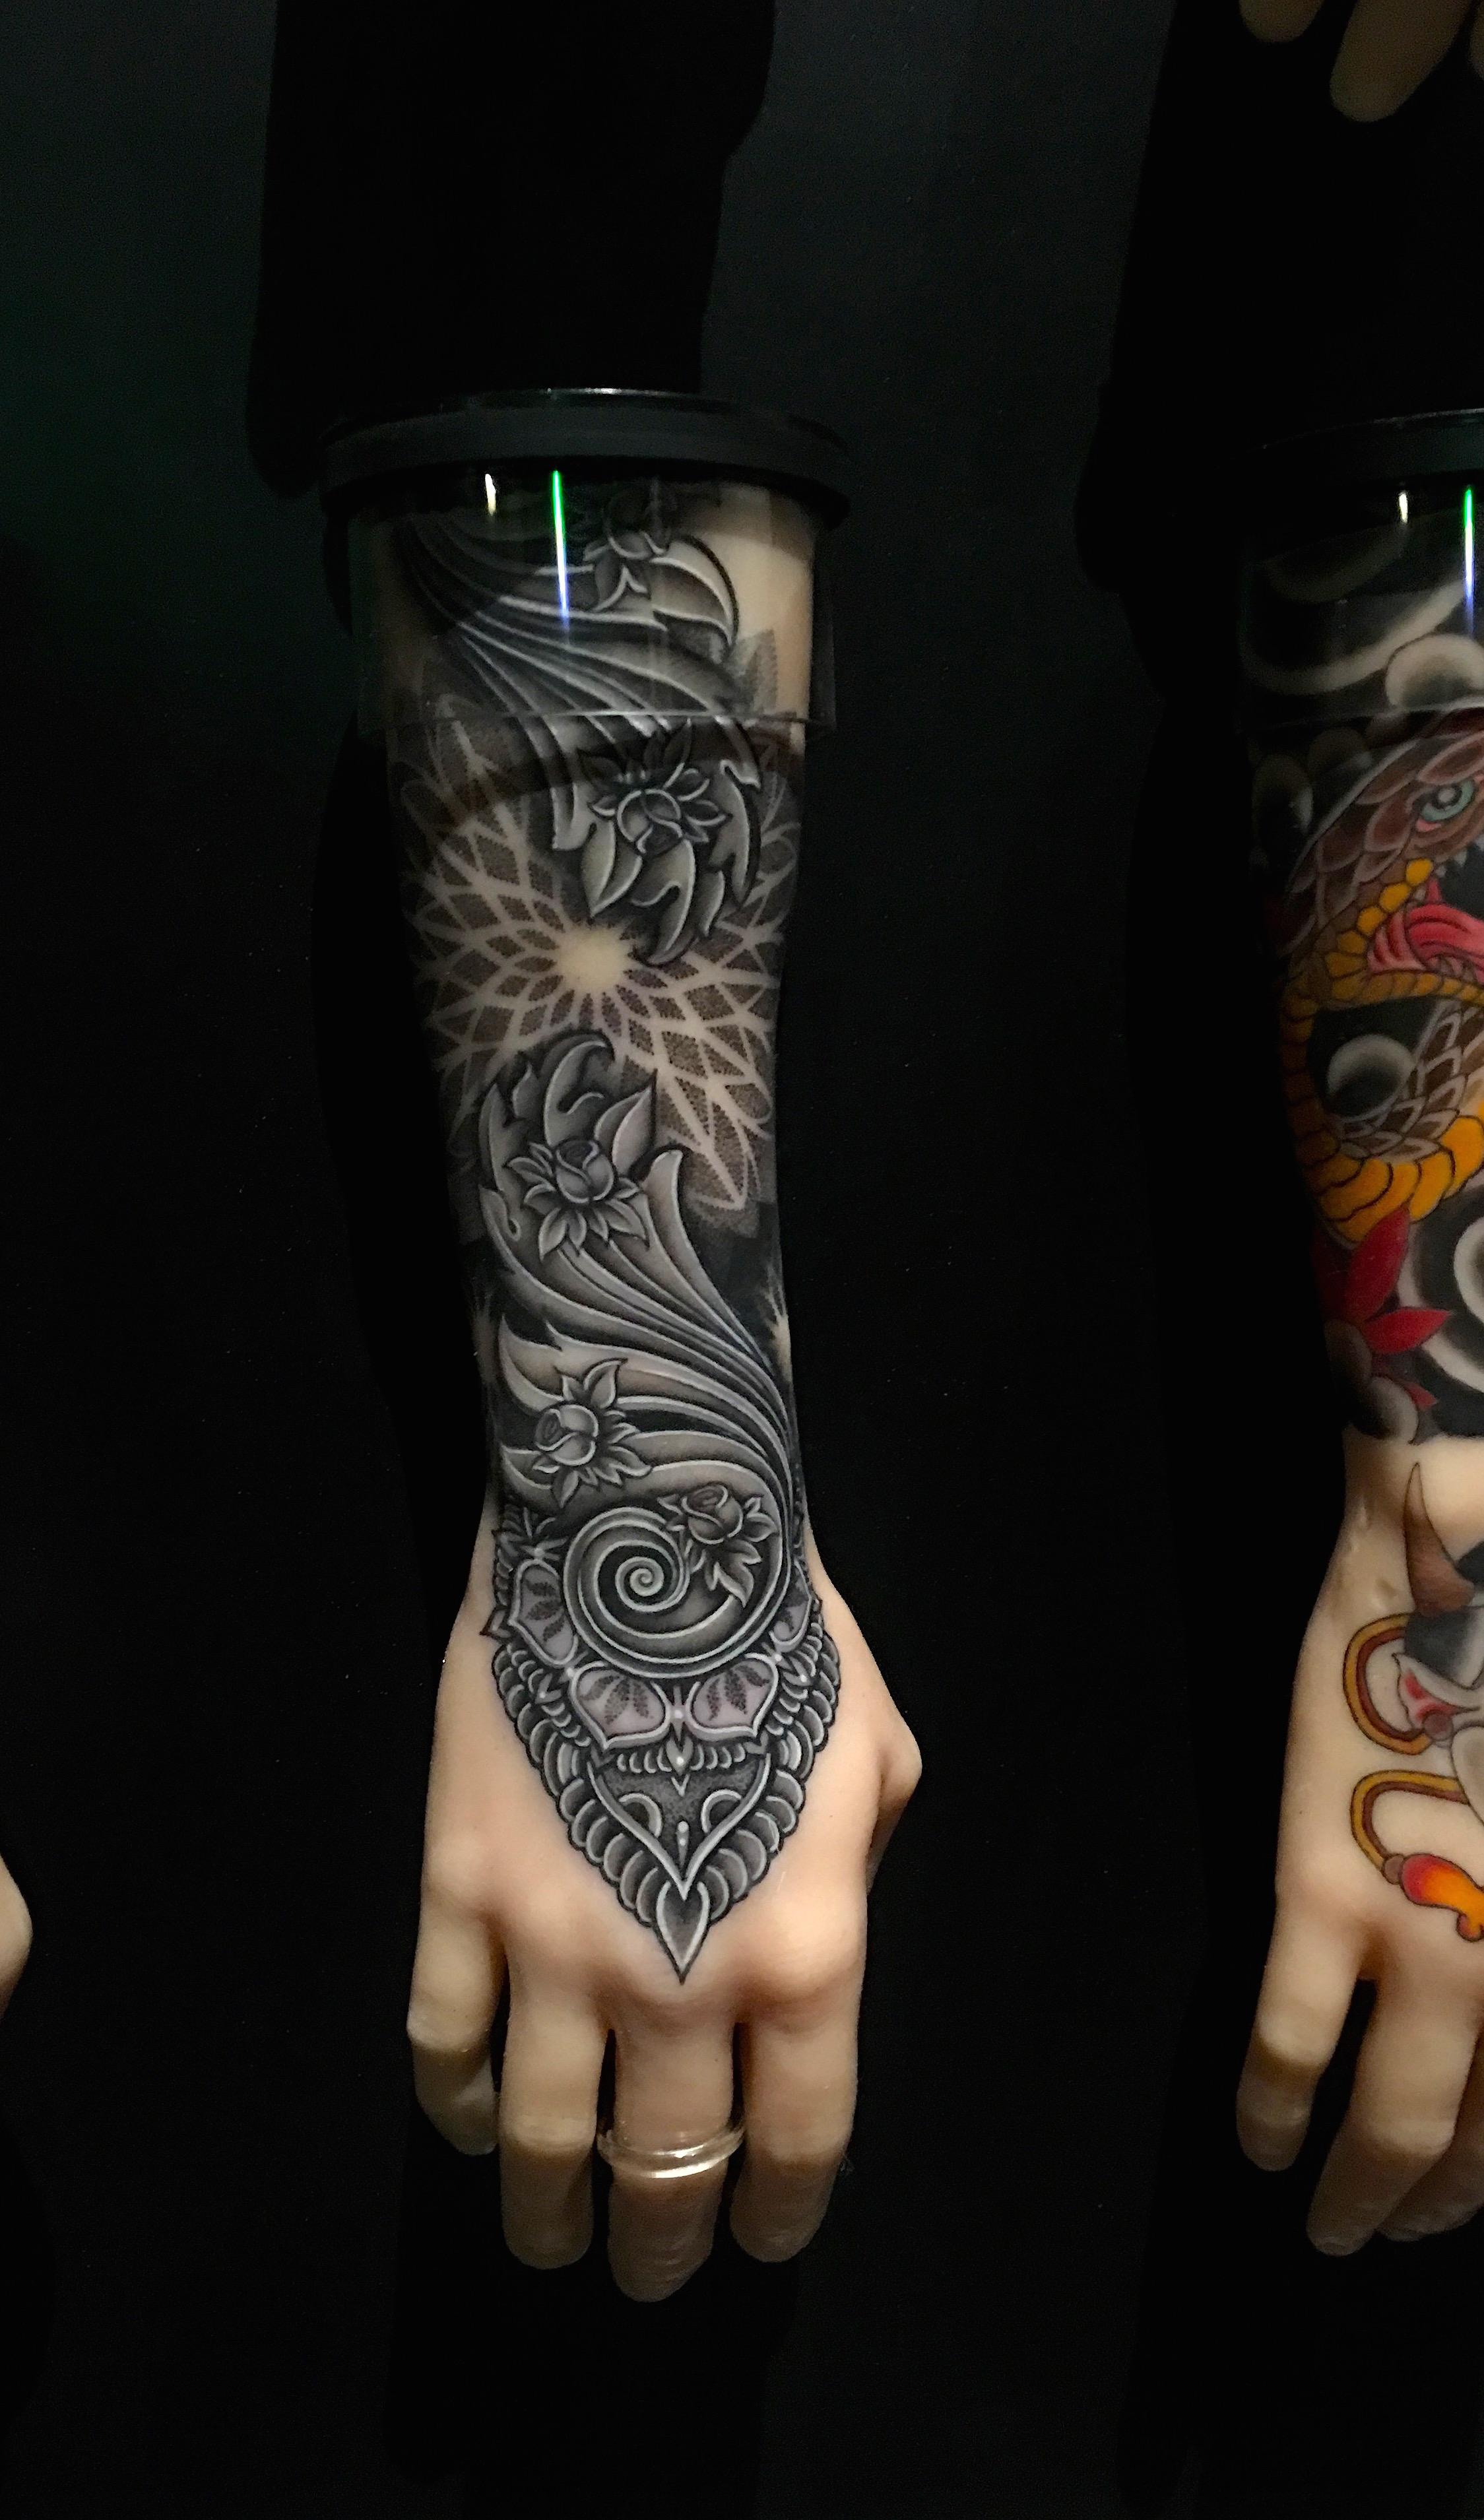 100 Hands Contrubution by  Matt Finch